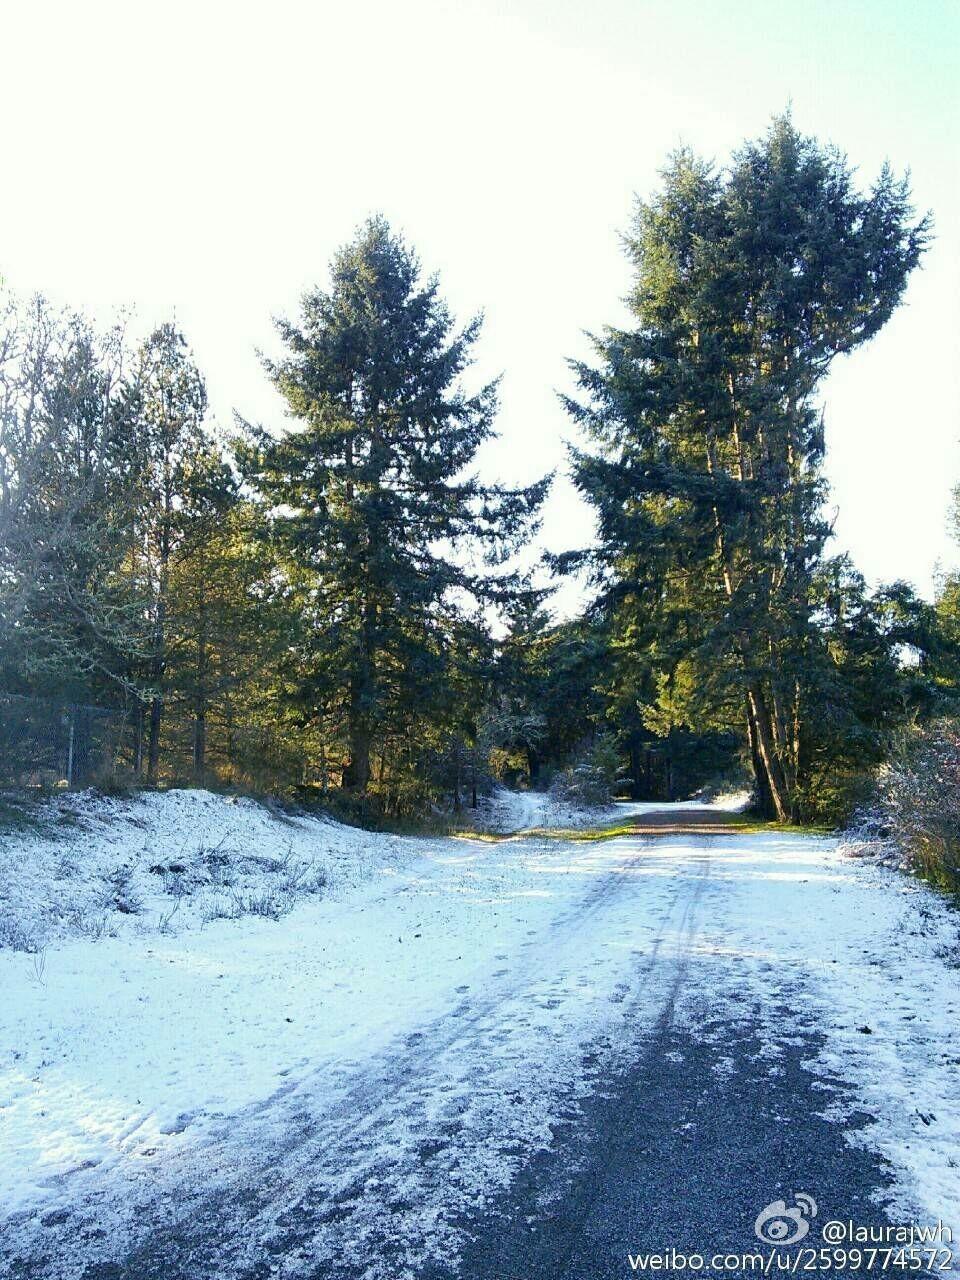 松·雪·澄净@Bright Transparency [遇见]一场雪夜后,这松木一尘不染地任阳光穿透,尤显挺拔向上的姿容....